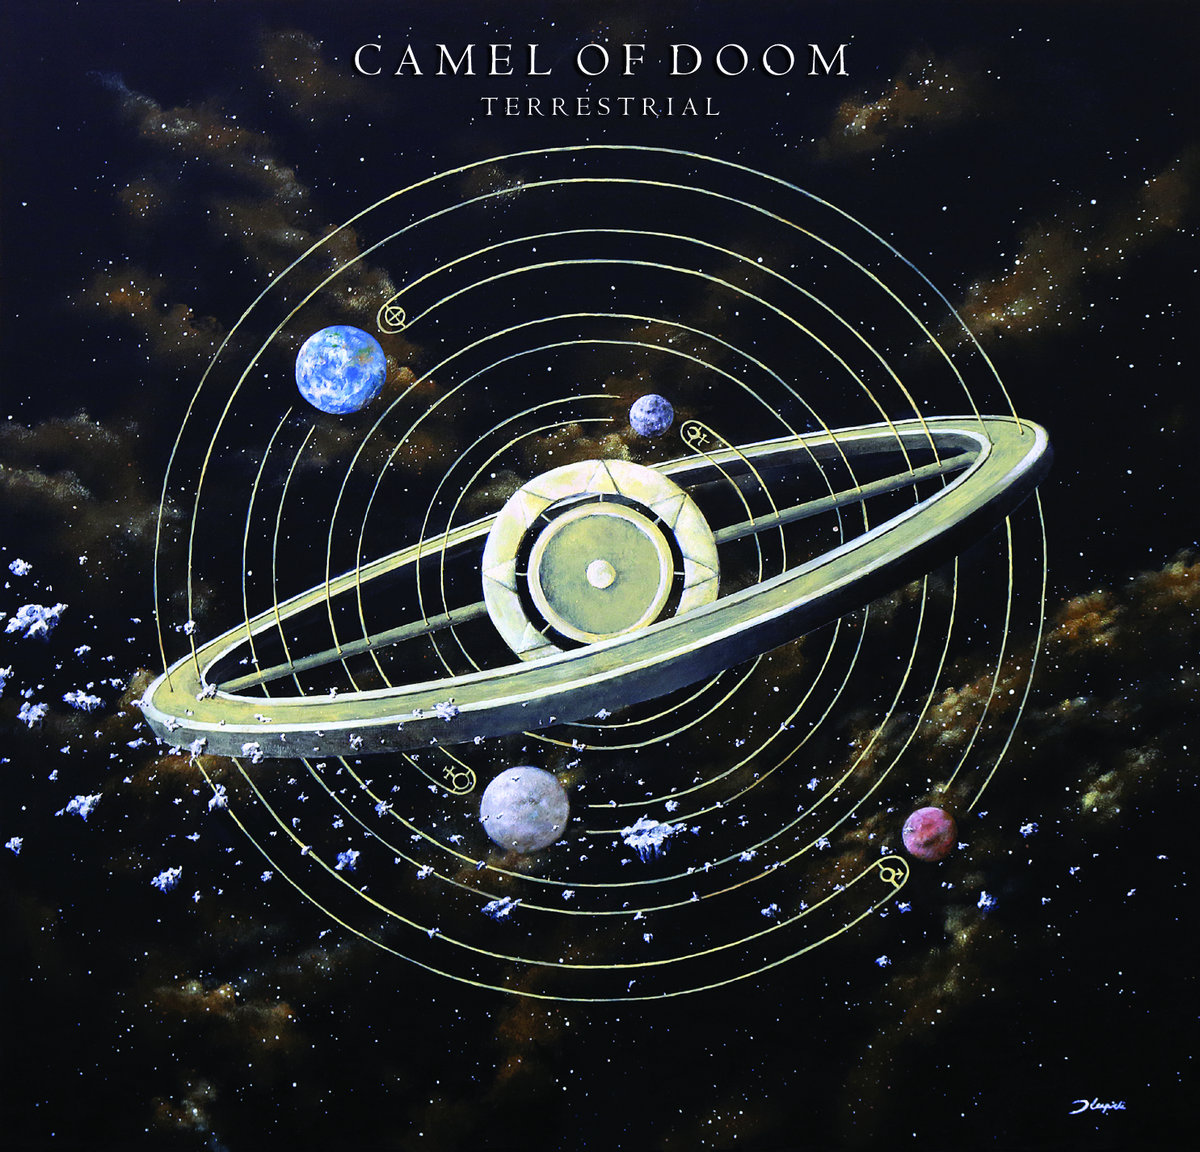 camel of doom terrestrial